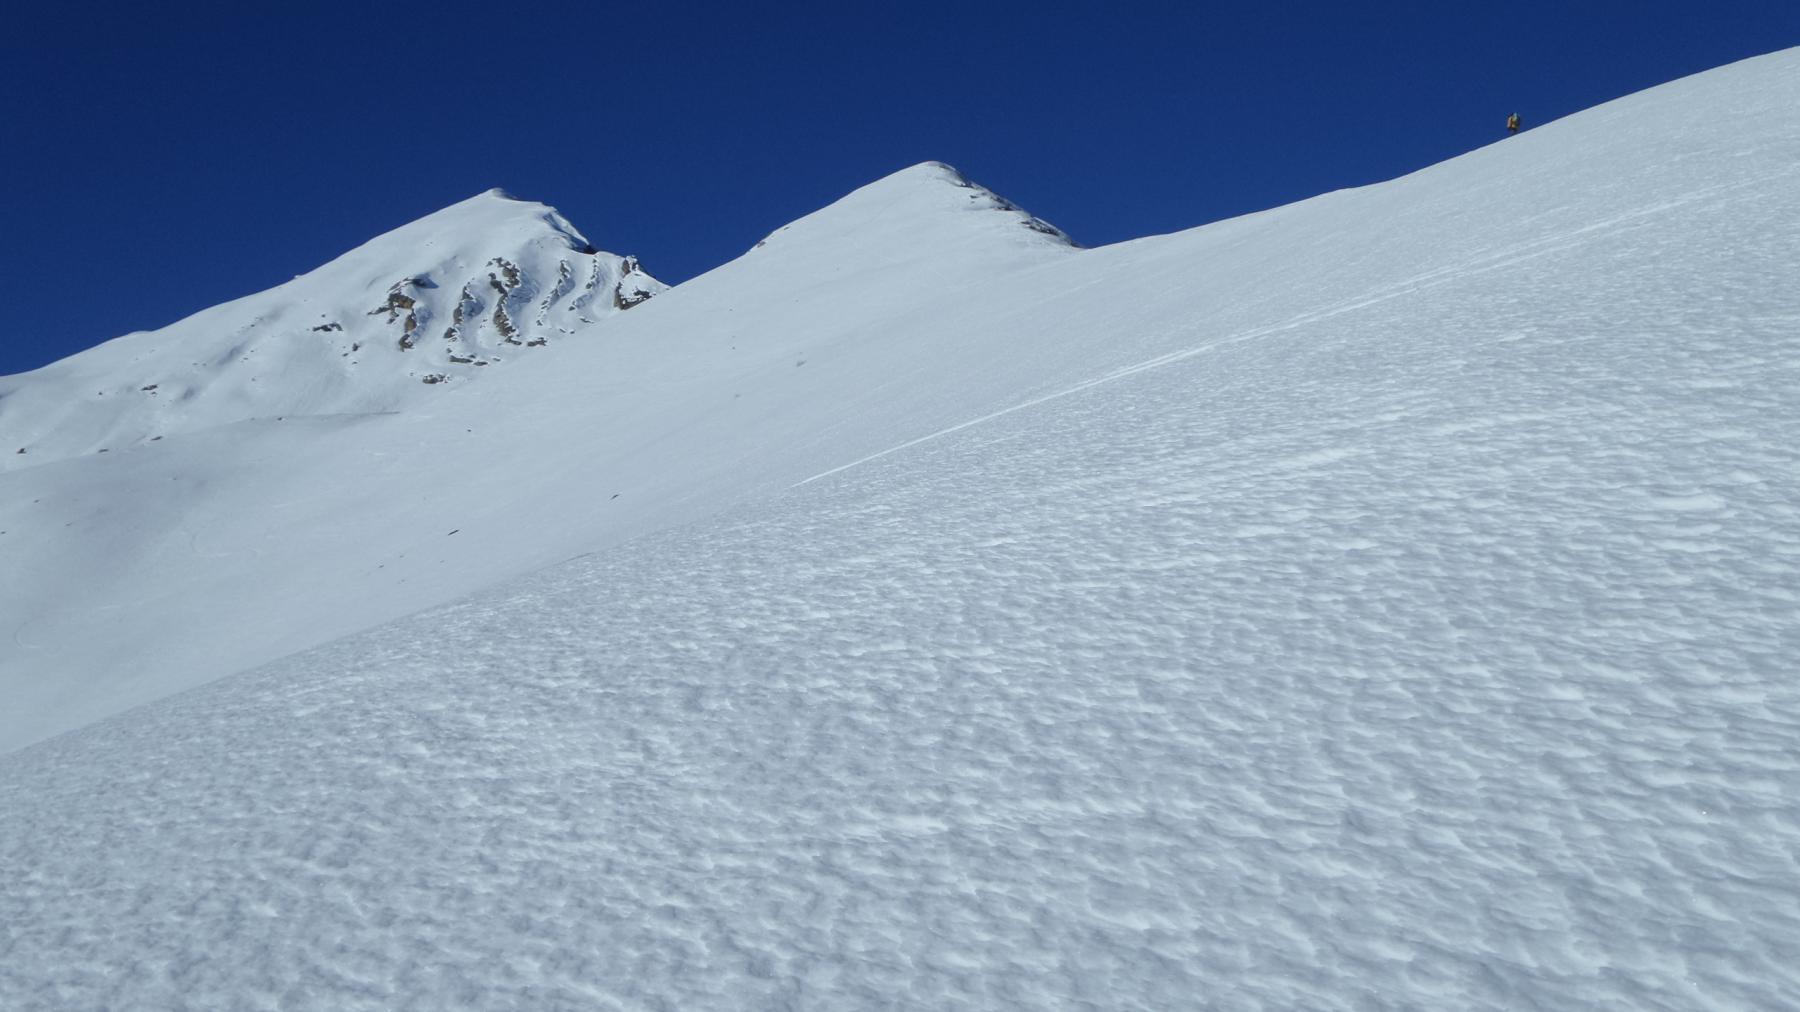 parte alta del crestone SE delle Giosolette con neve dura e compatta